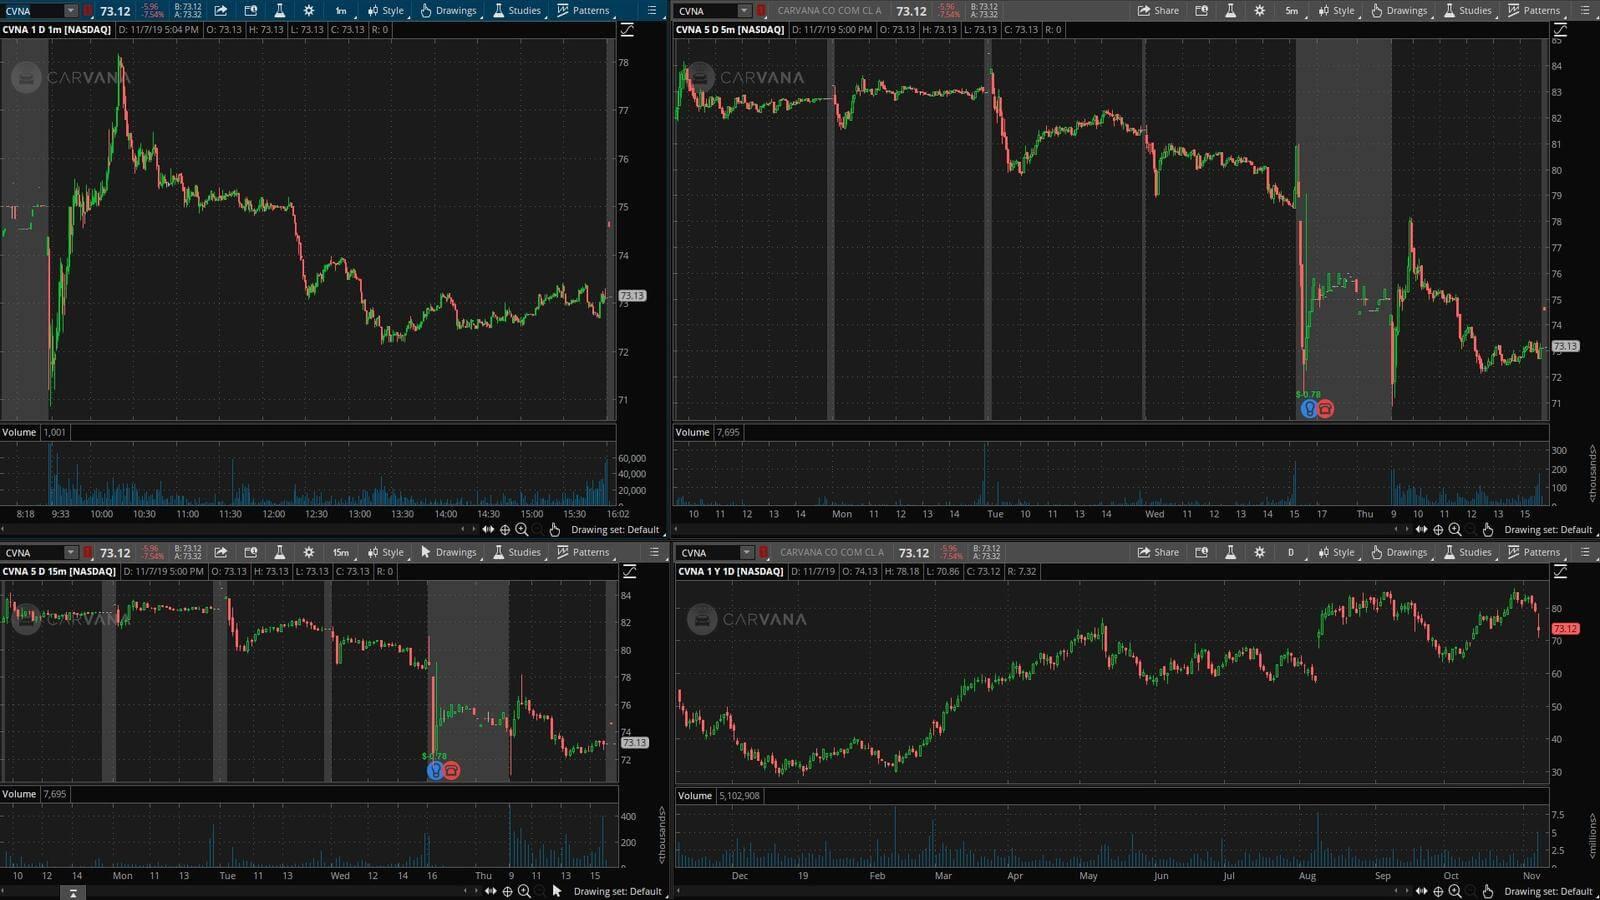 CVNA - график акции на фондовой бирже